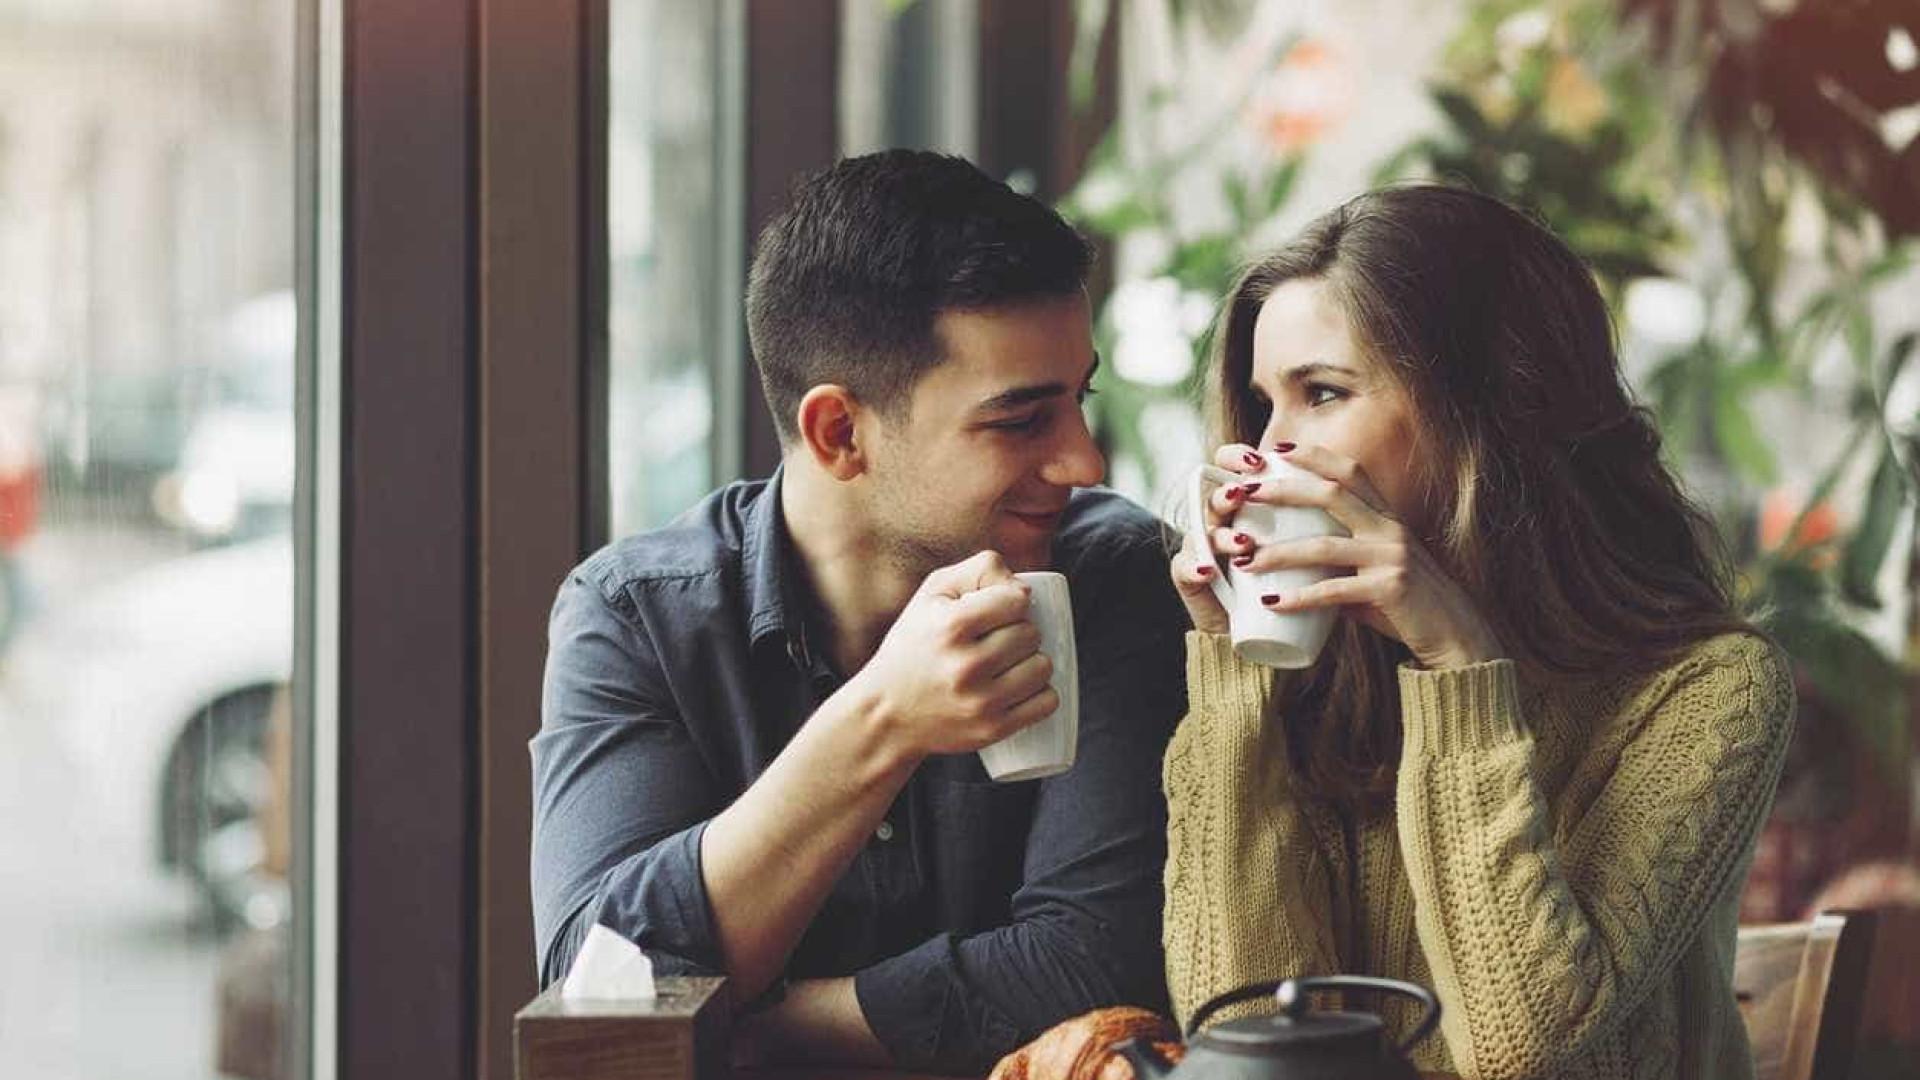 O seu parceiro depende de você? Reconheça os sinais